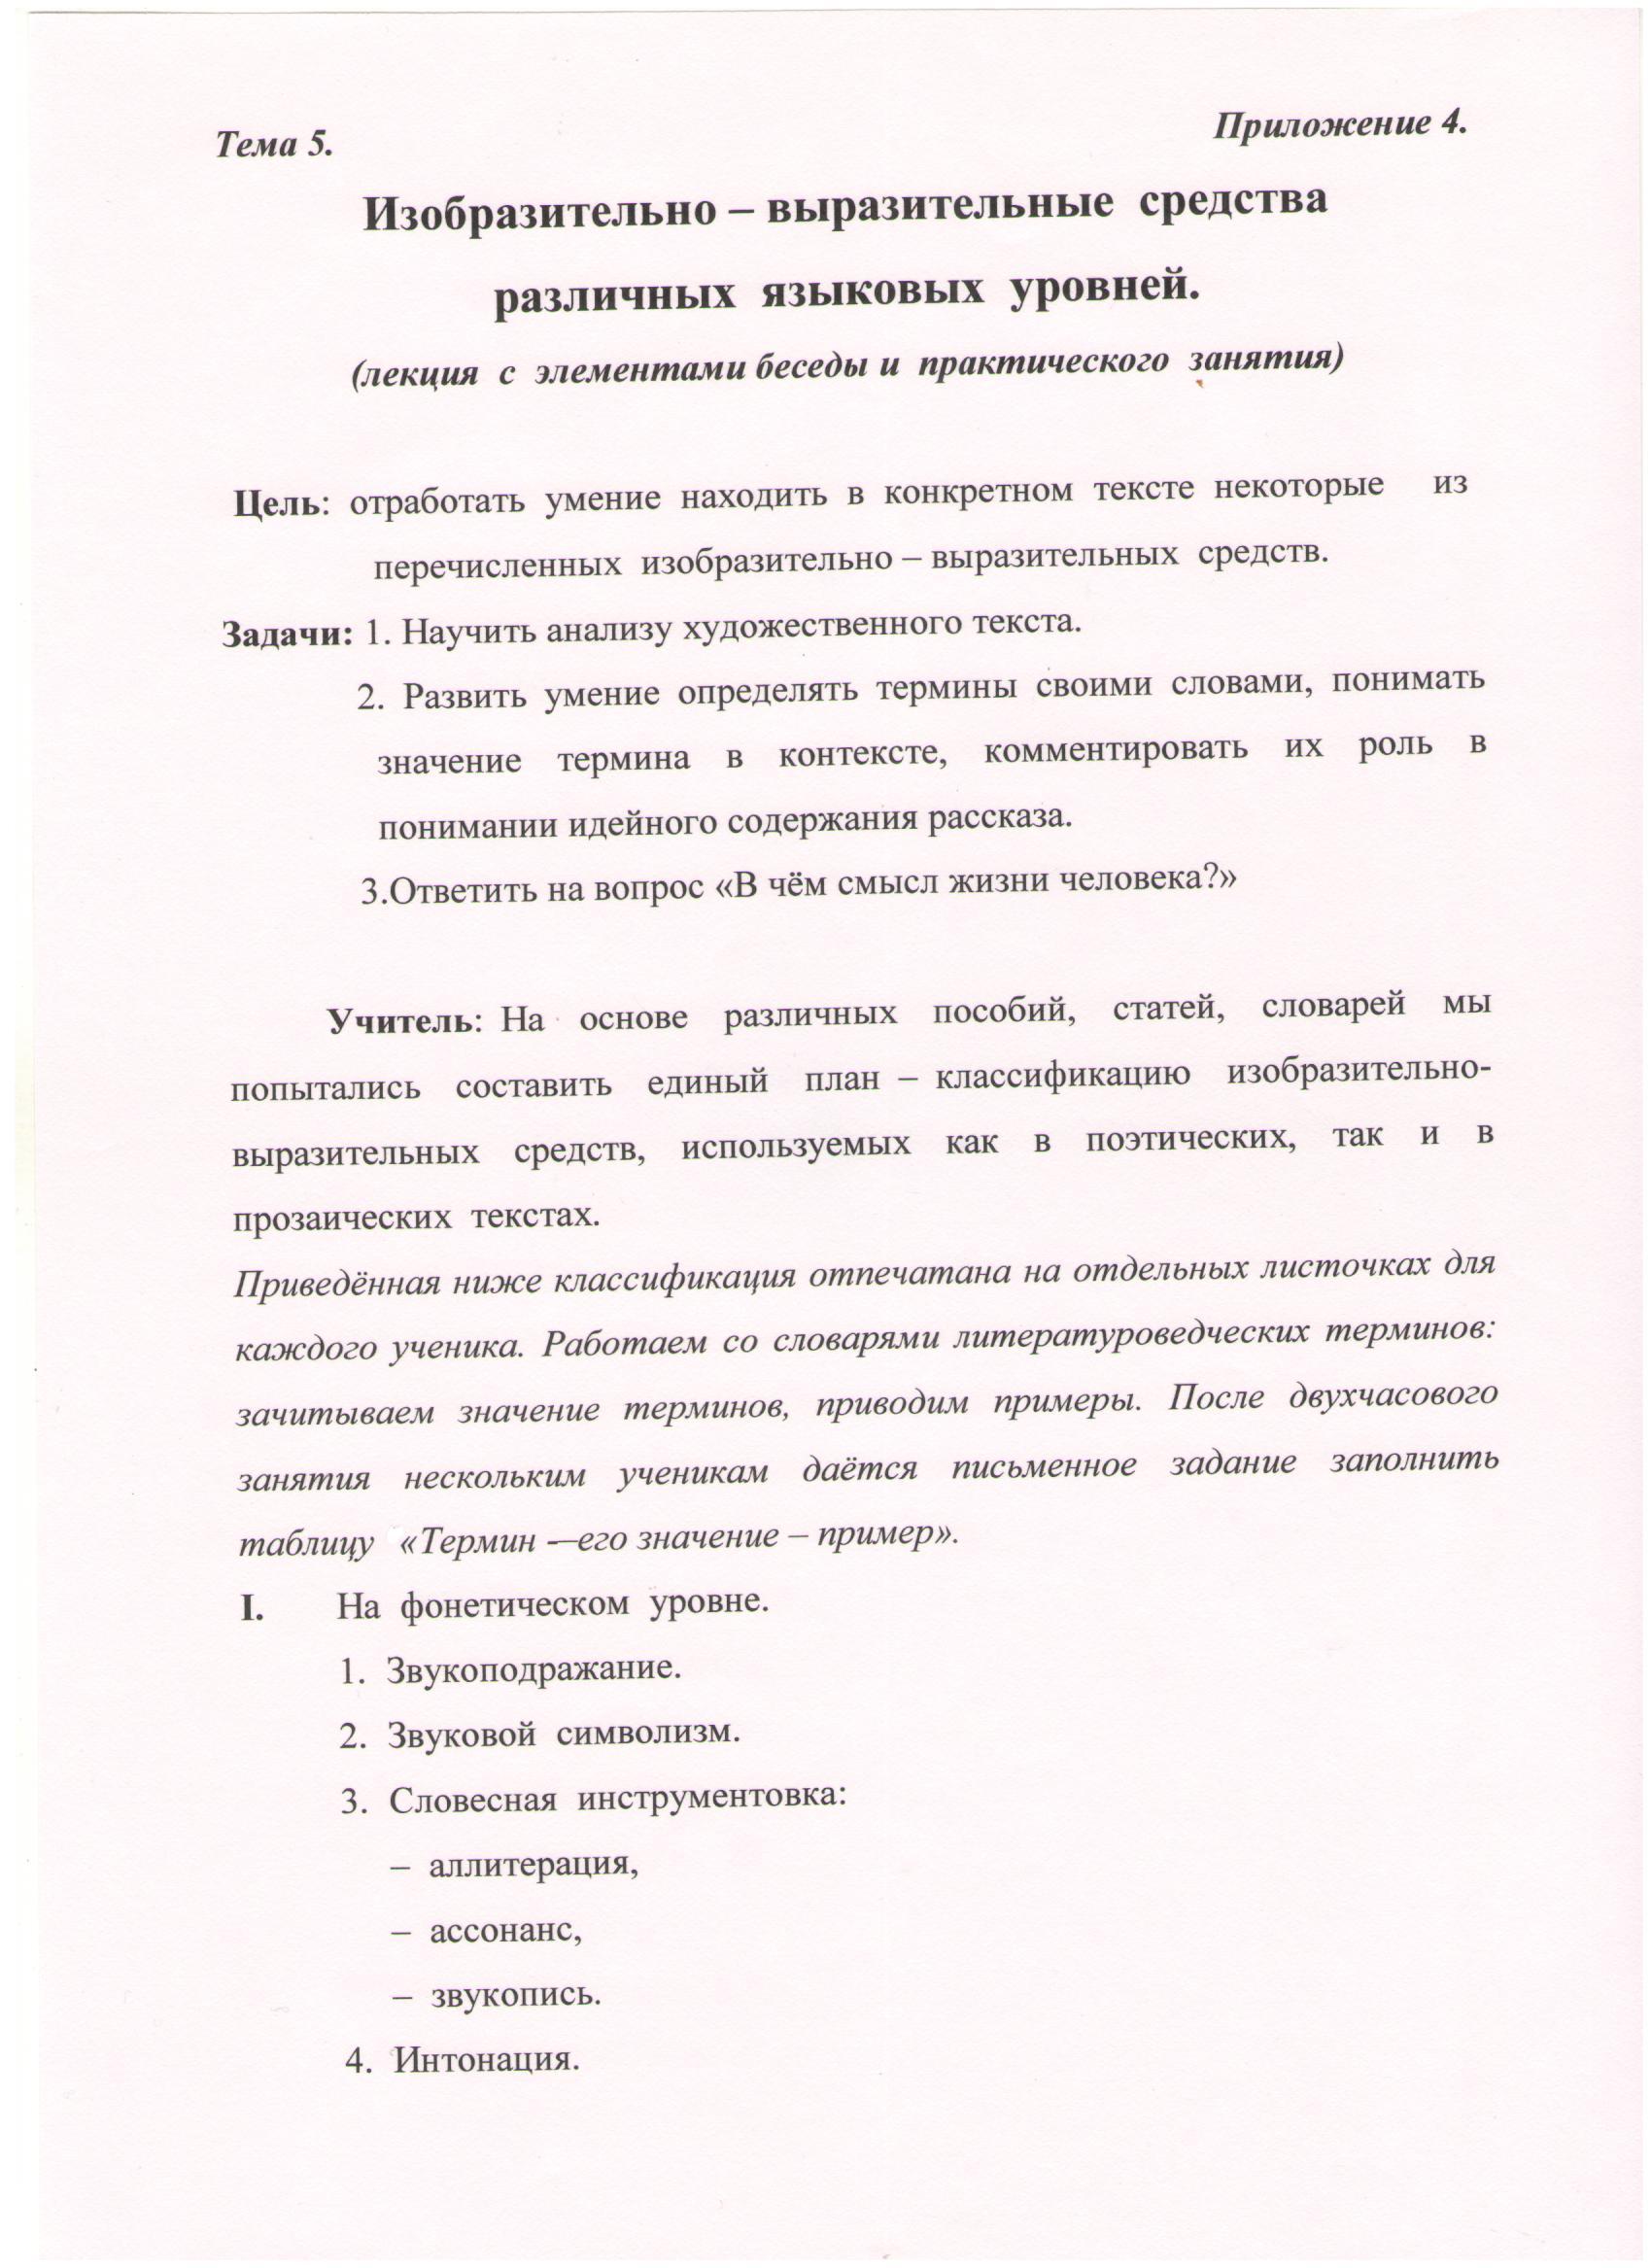 C:\Documents and Settings\Учитель\Рабочий стол\Новая папка\Работа Светы 16.jpg